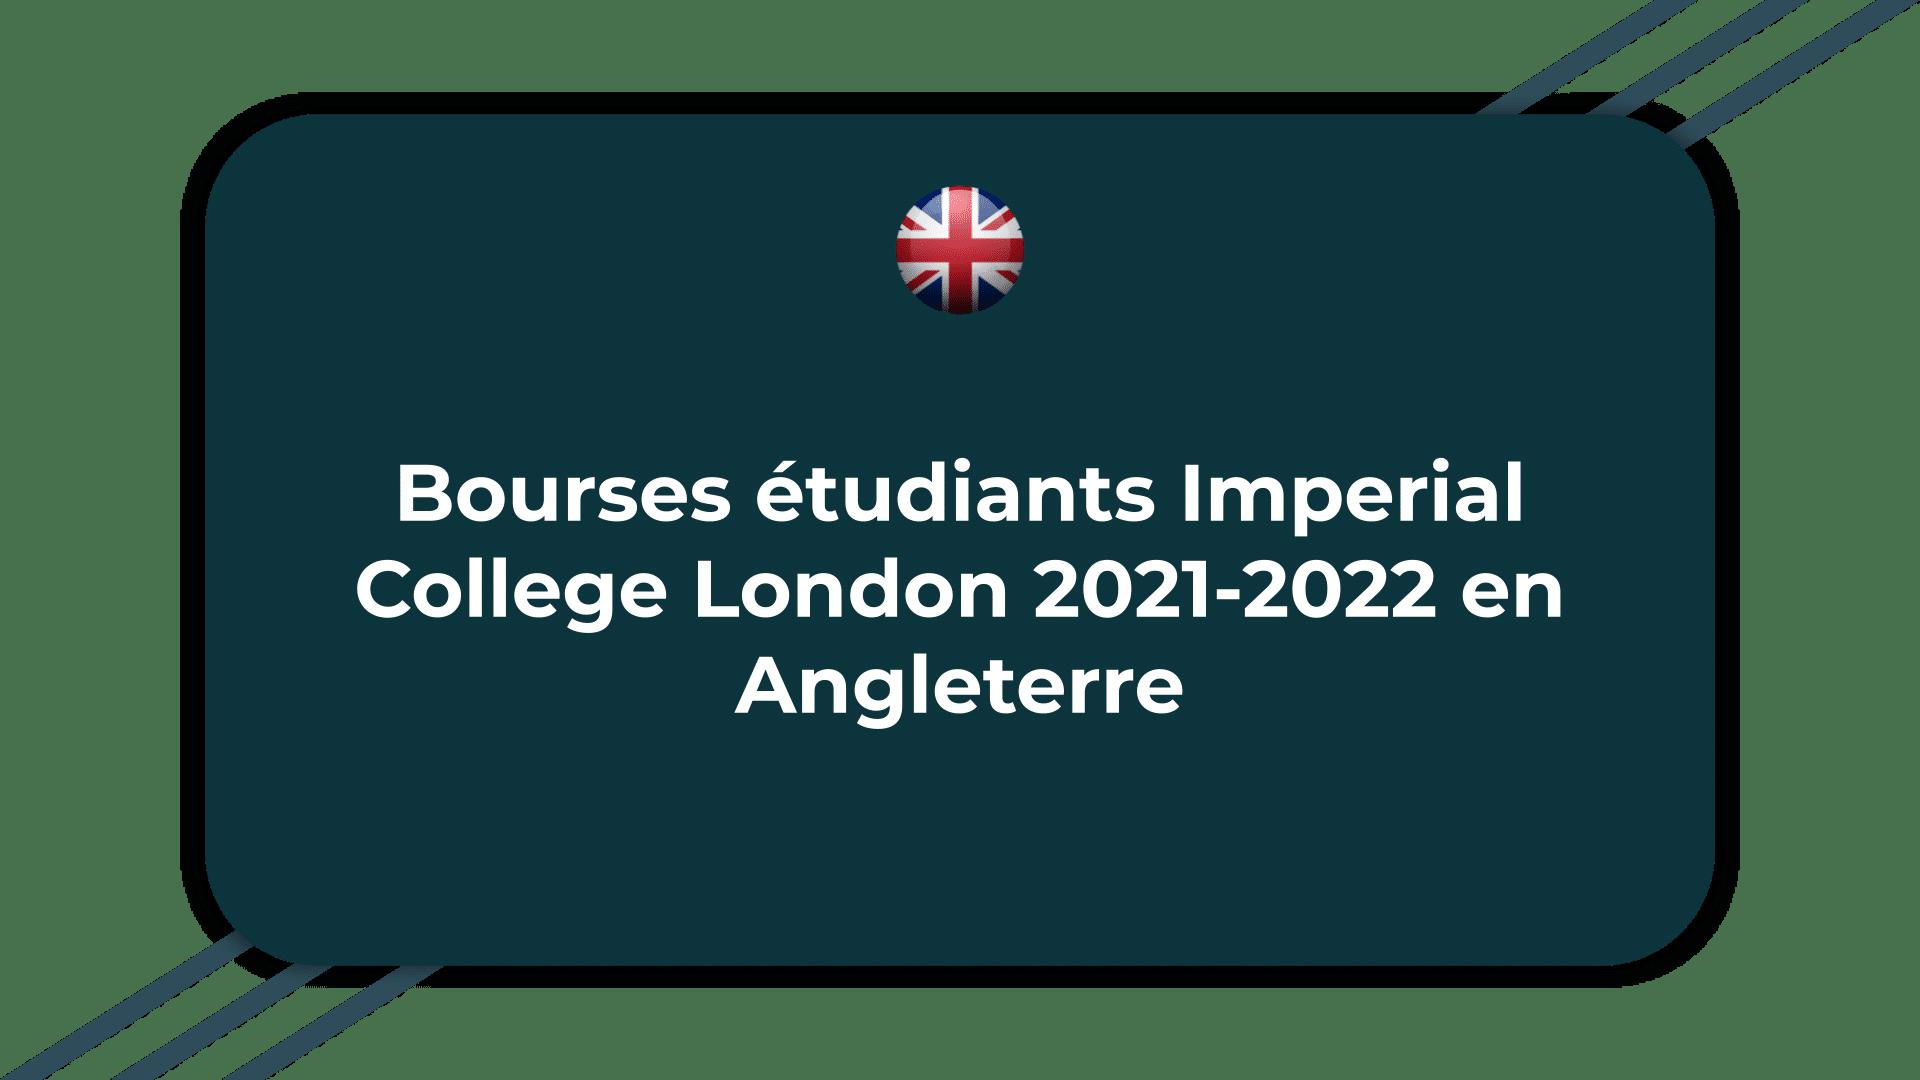 Bourses étudiants Imperial College London